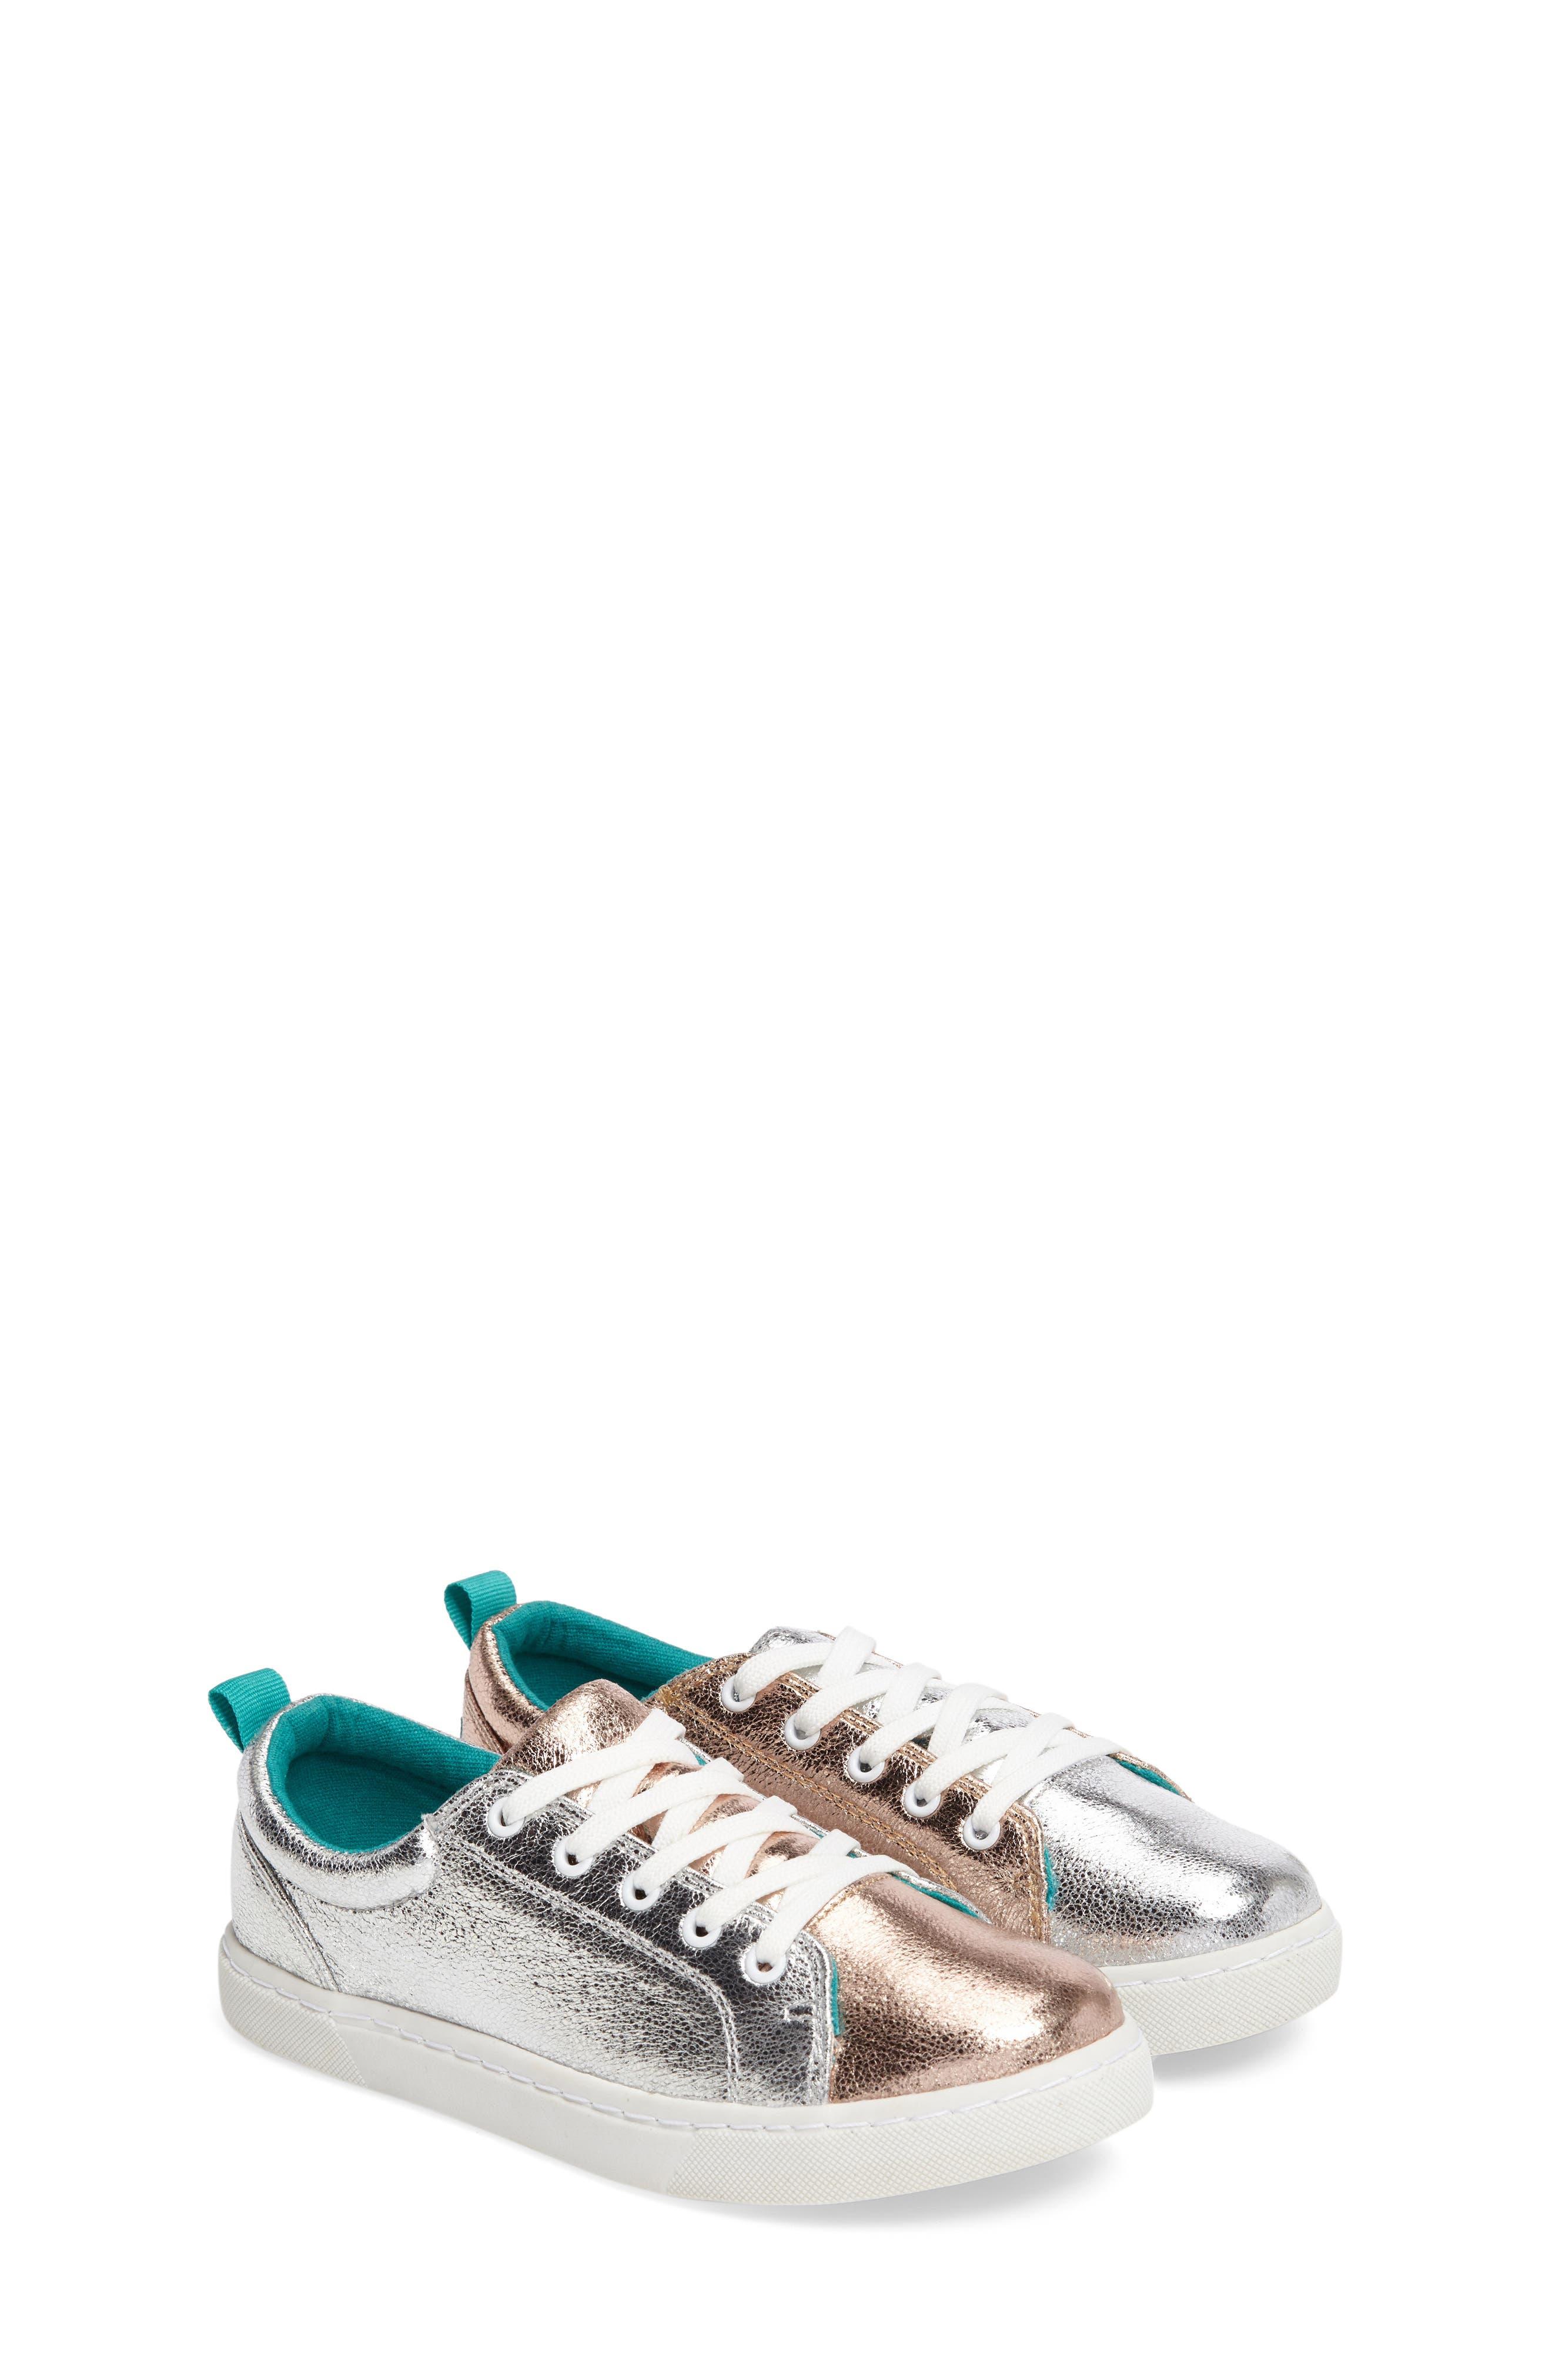 'Big Choice' Sneaker,                             Main thumbnail 1, color,                             045